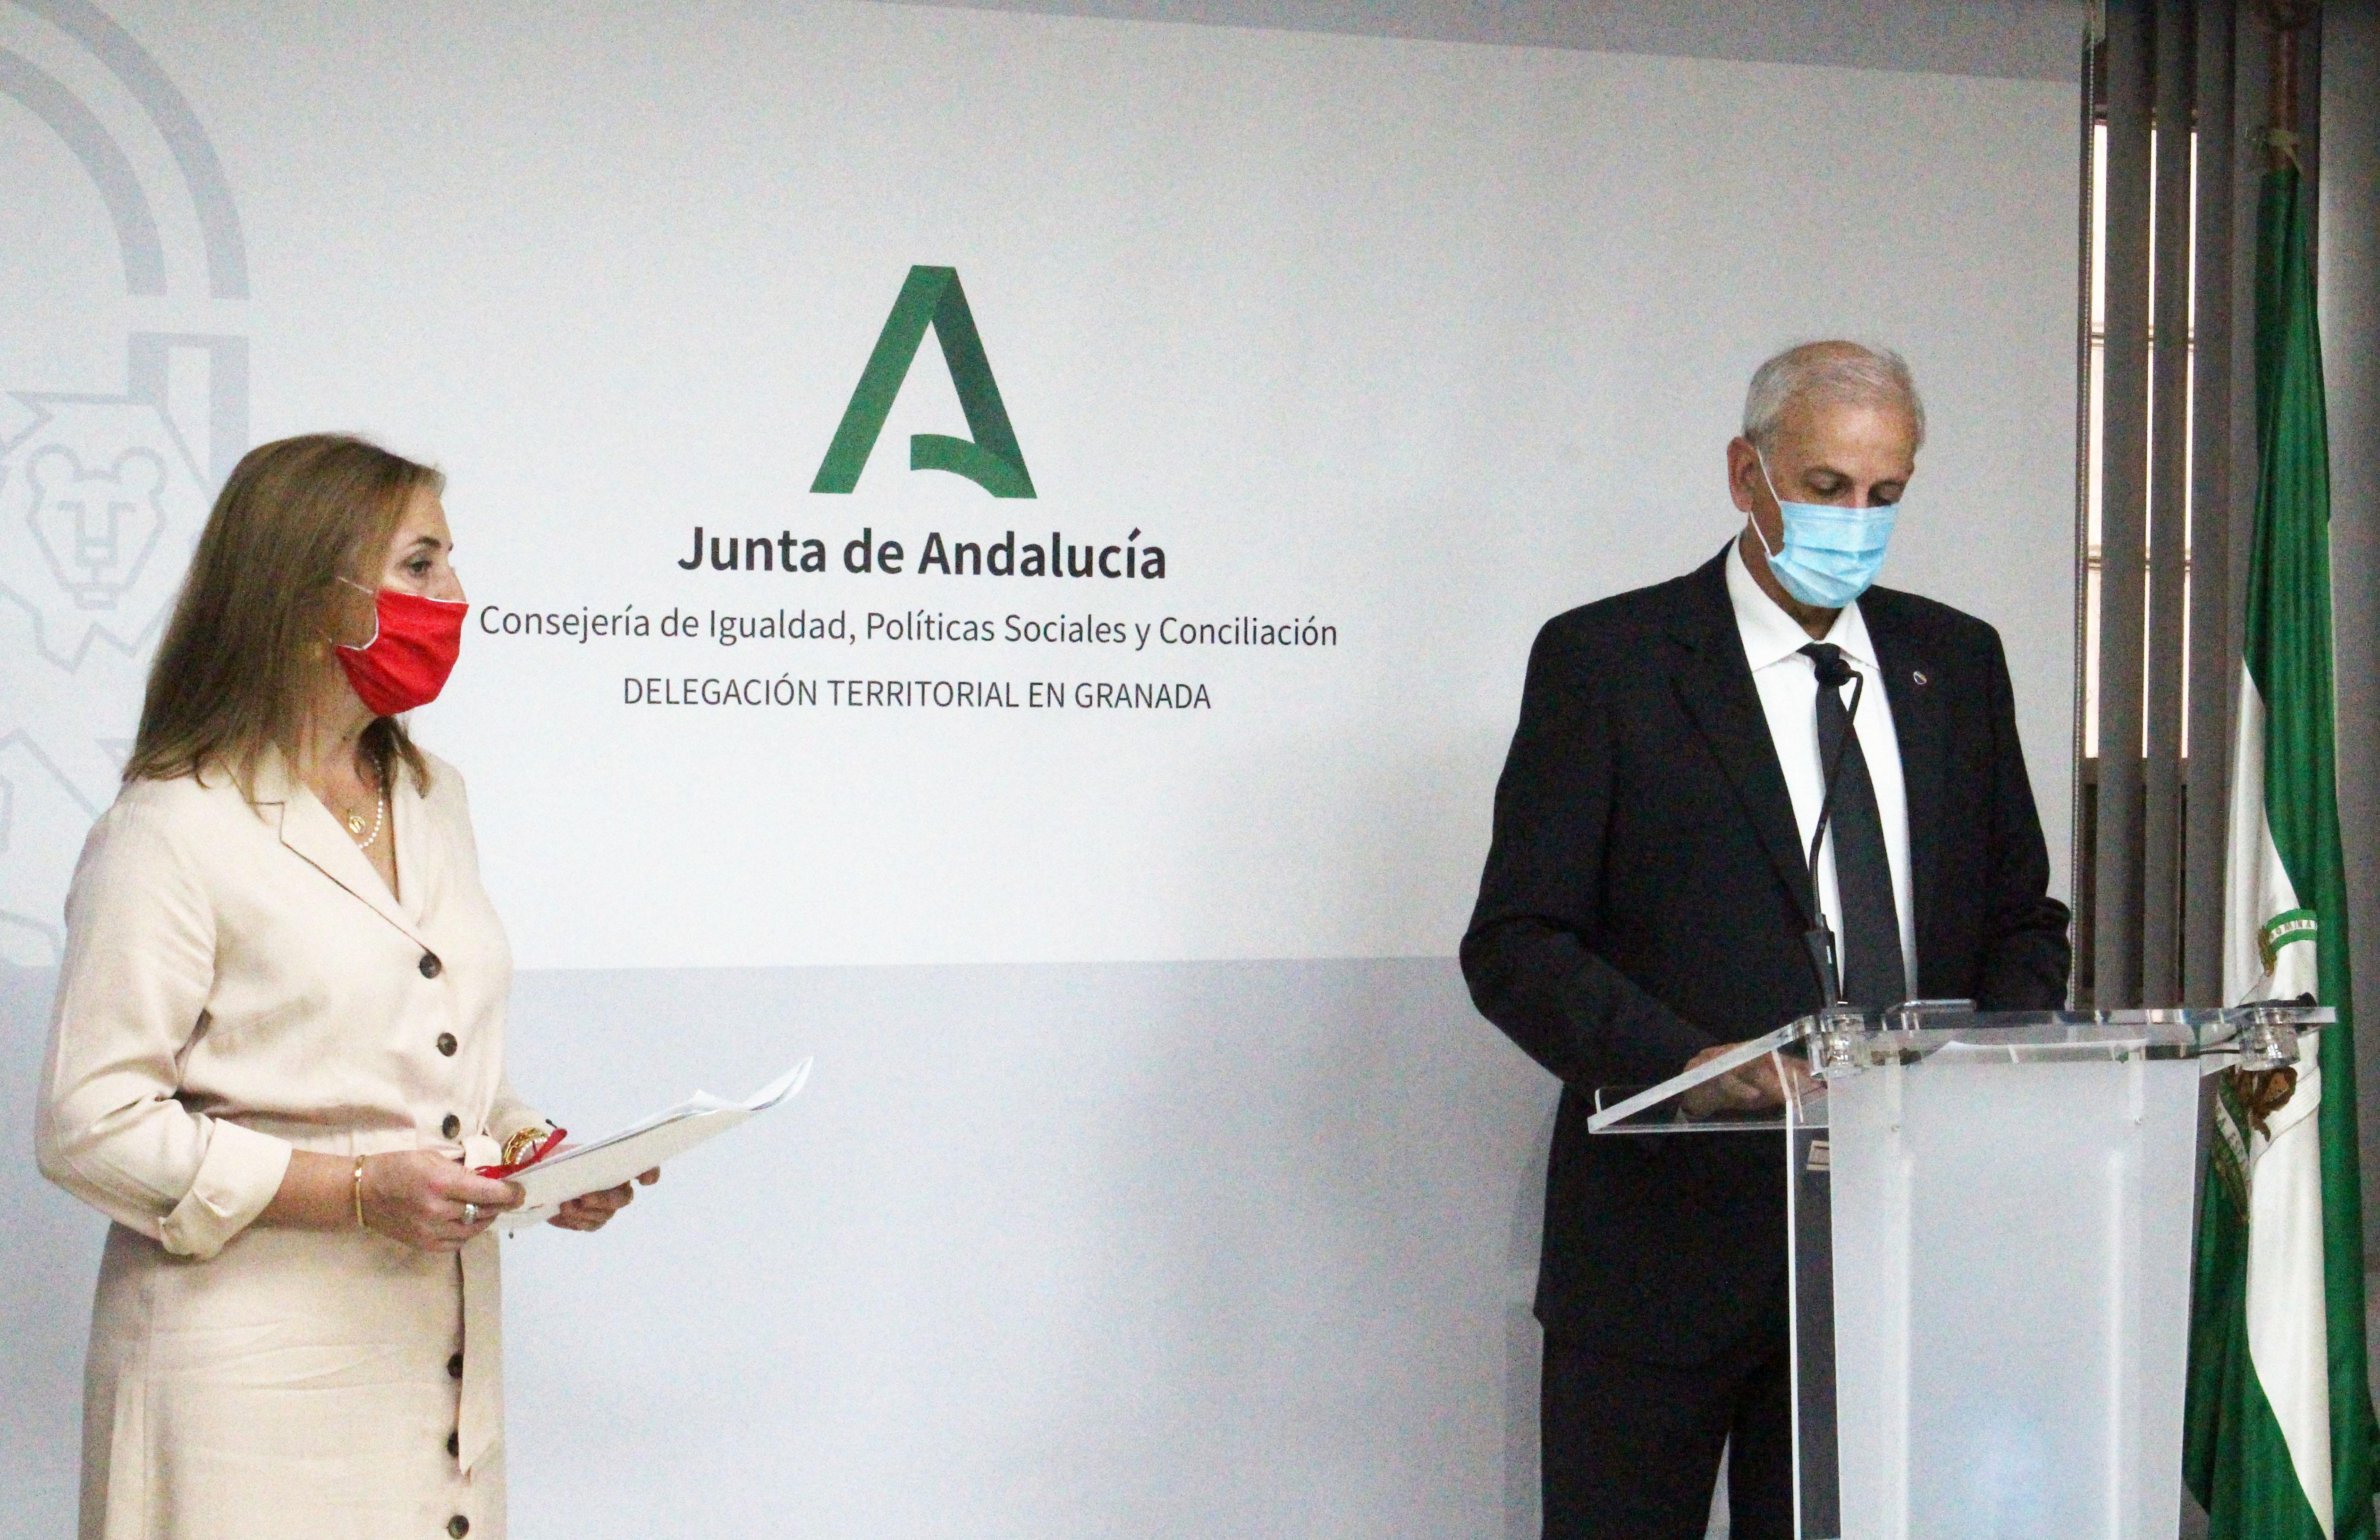 El programa de la Tarjeta Monedero de la Consejería de Igualdad ha beneficiado a más de 8.000 granadinos